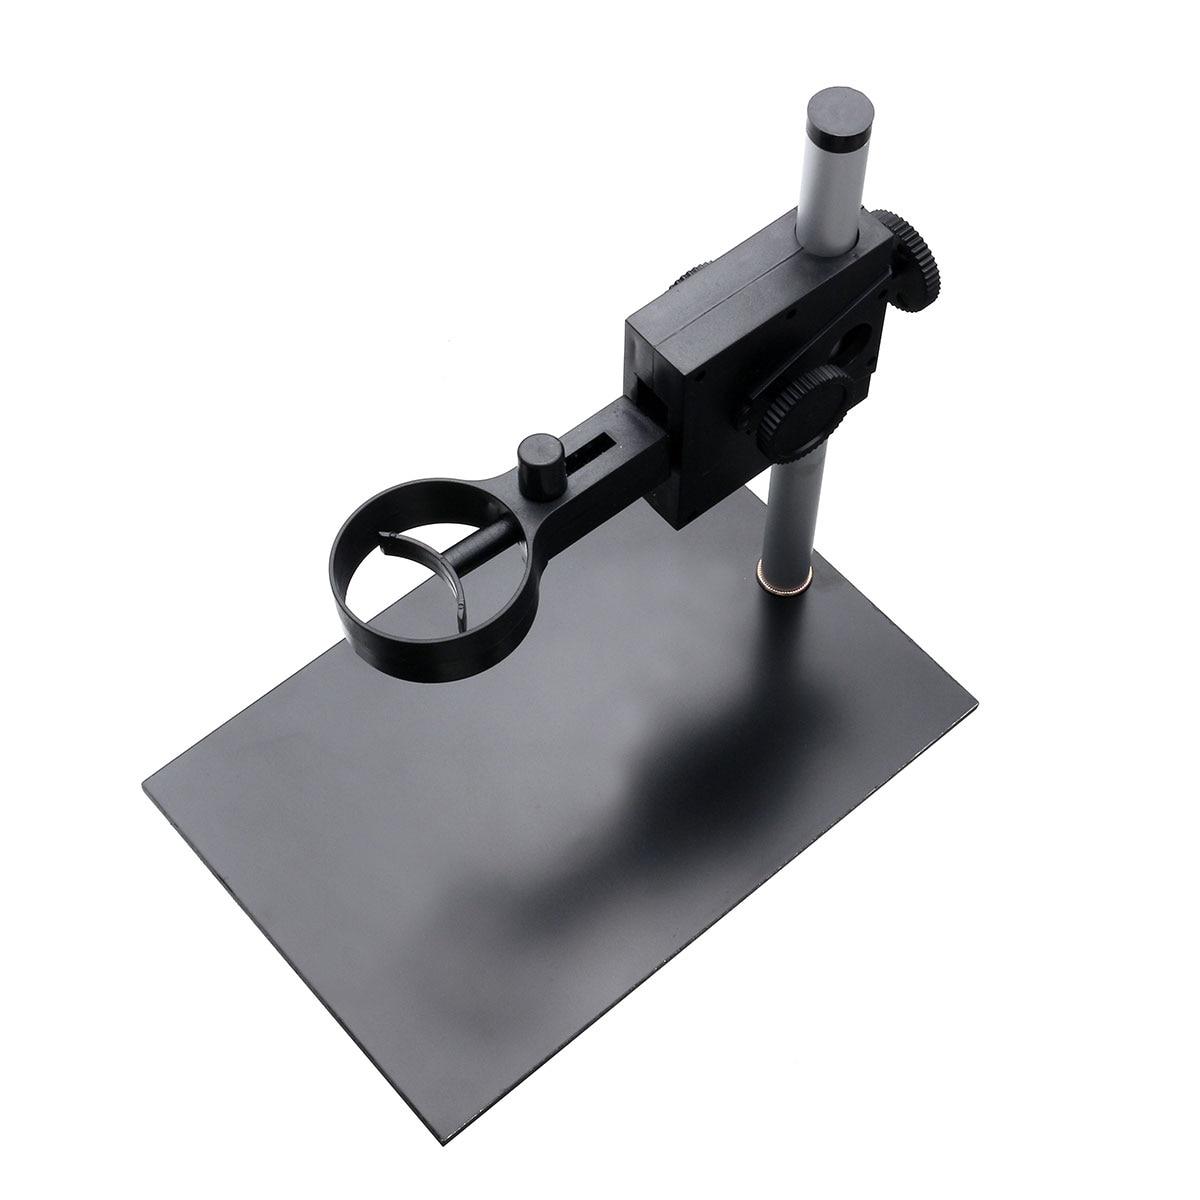 Digitale Microscoop Houder Stand Verstelbare Lifting Ondersteuning Raising Verlagen Podium Beugel voor USB Digitale Microscoop Accessoires